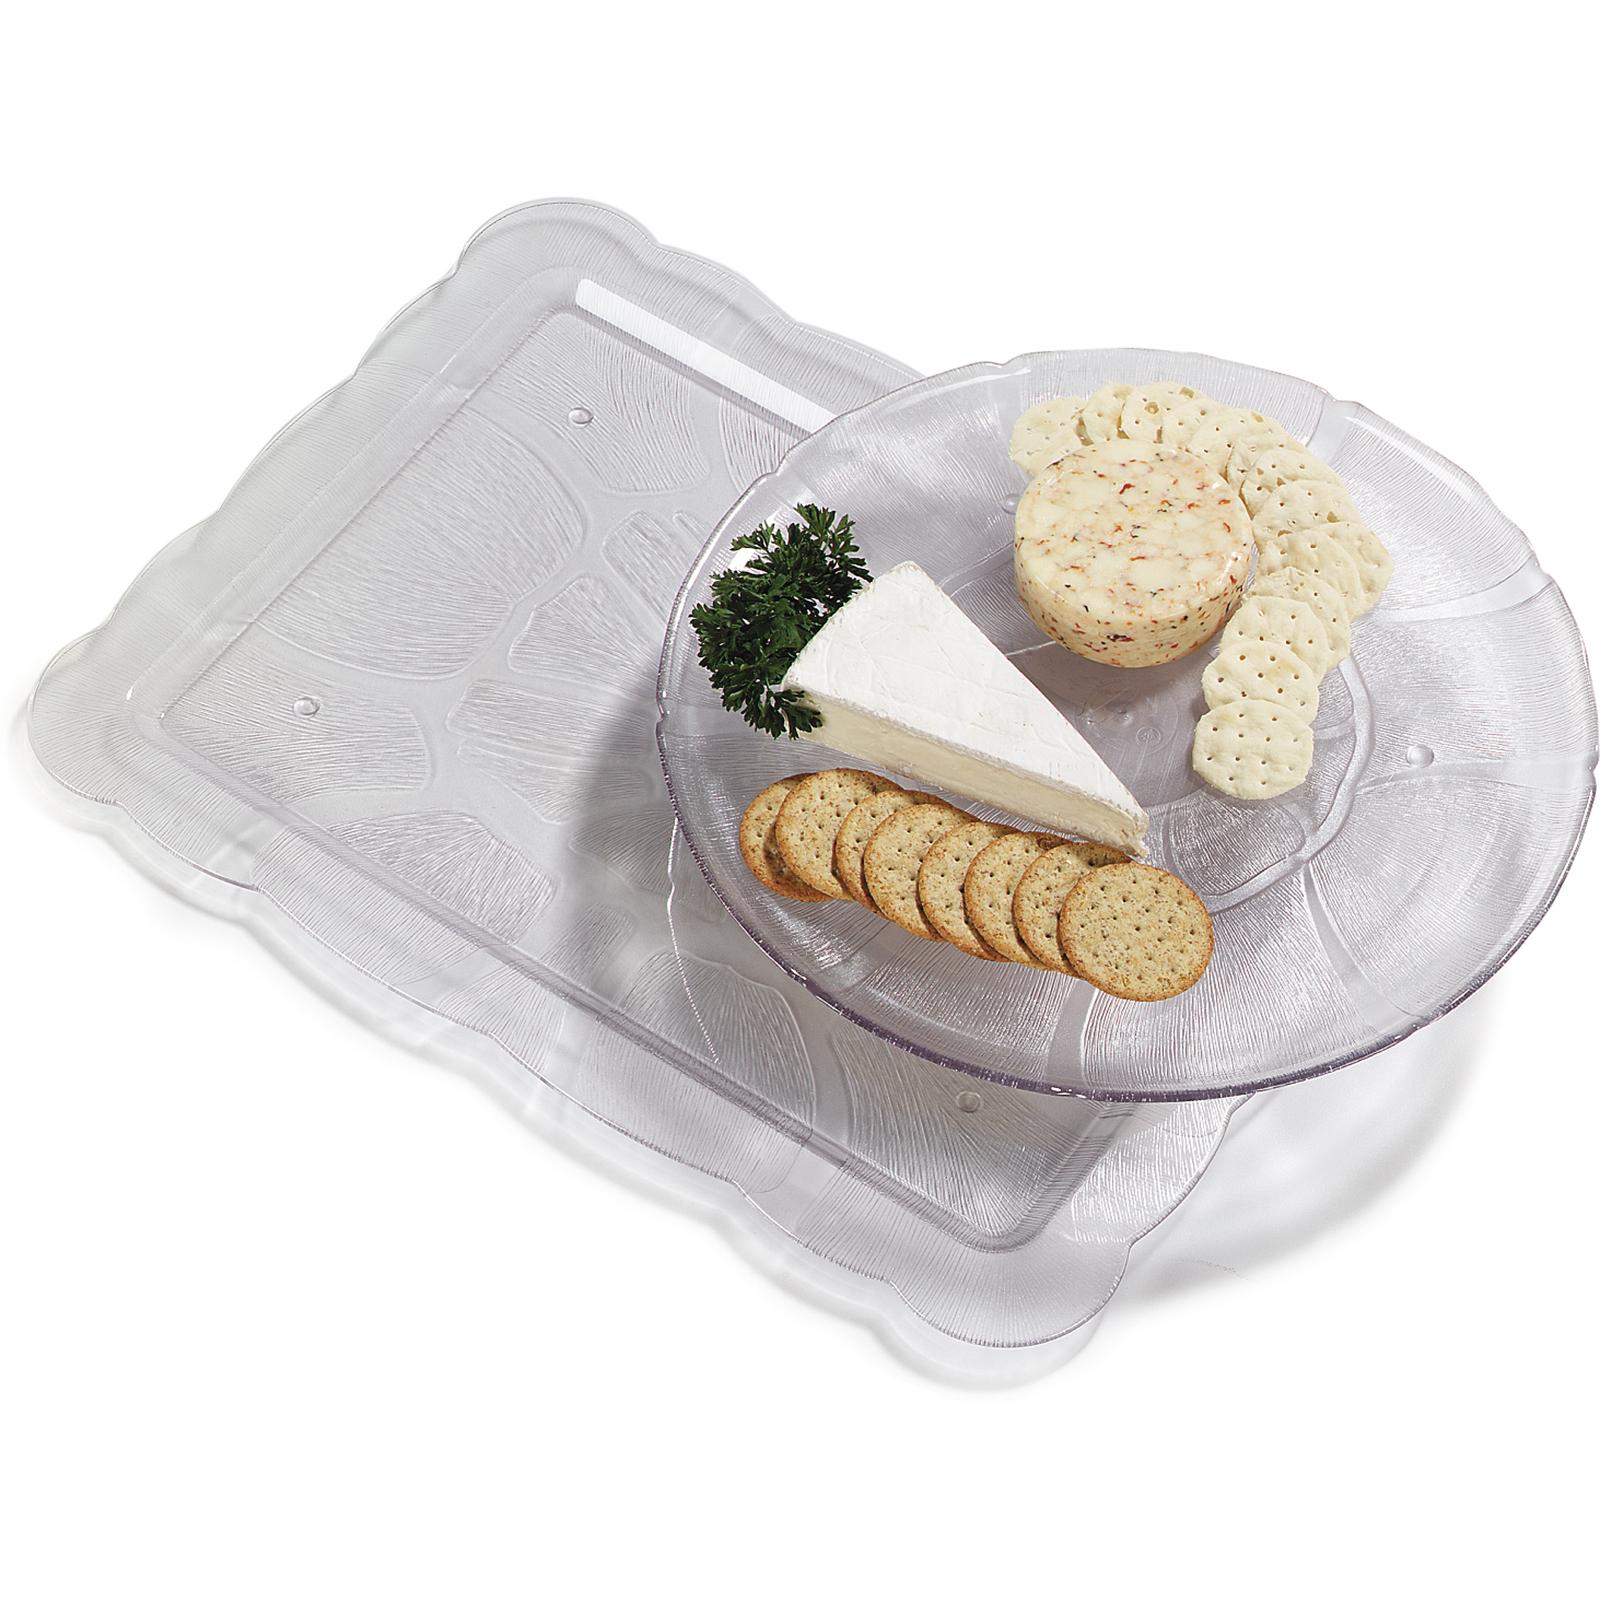 Carlisle 694707 serving & display tray